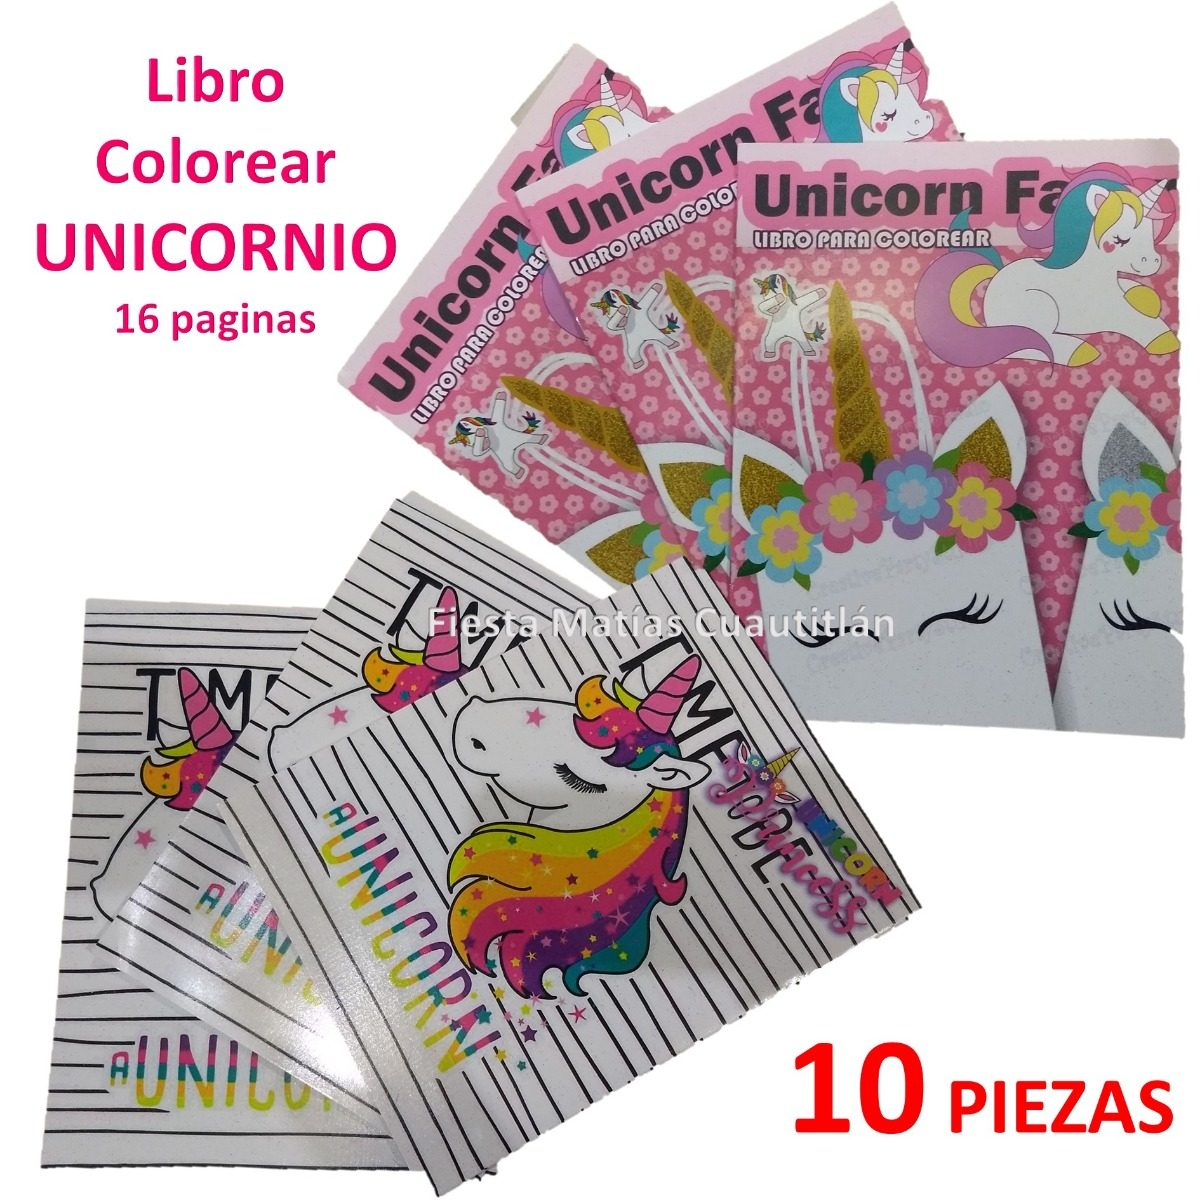 Libro Colorear Unicornio Pony Little Fiesta Niña 10 Piezas - $ 70.00 ...